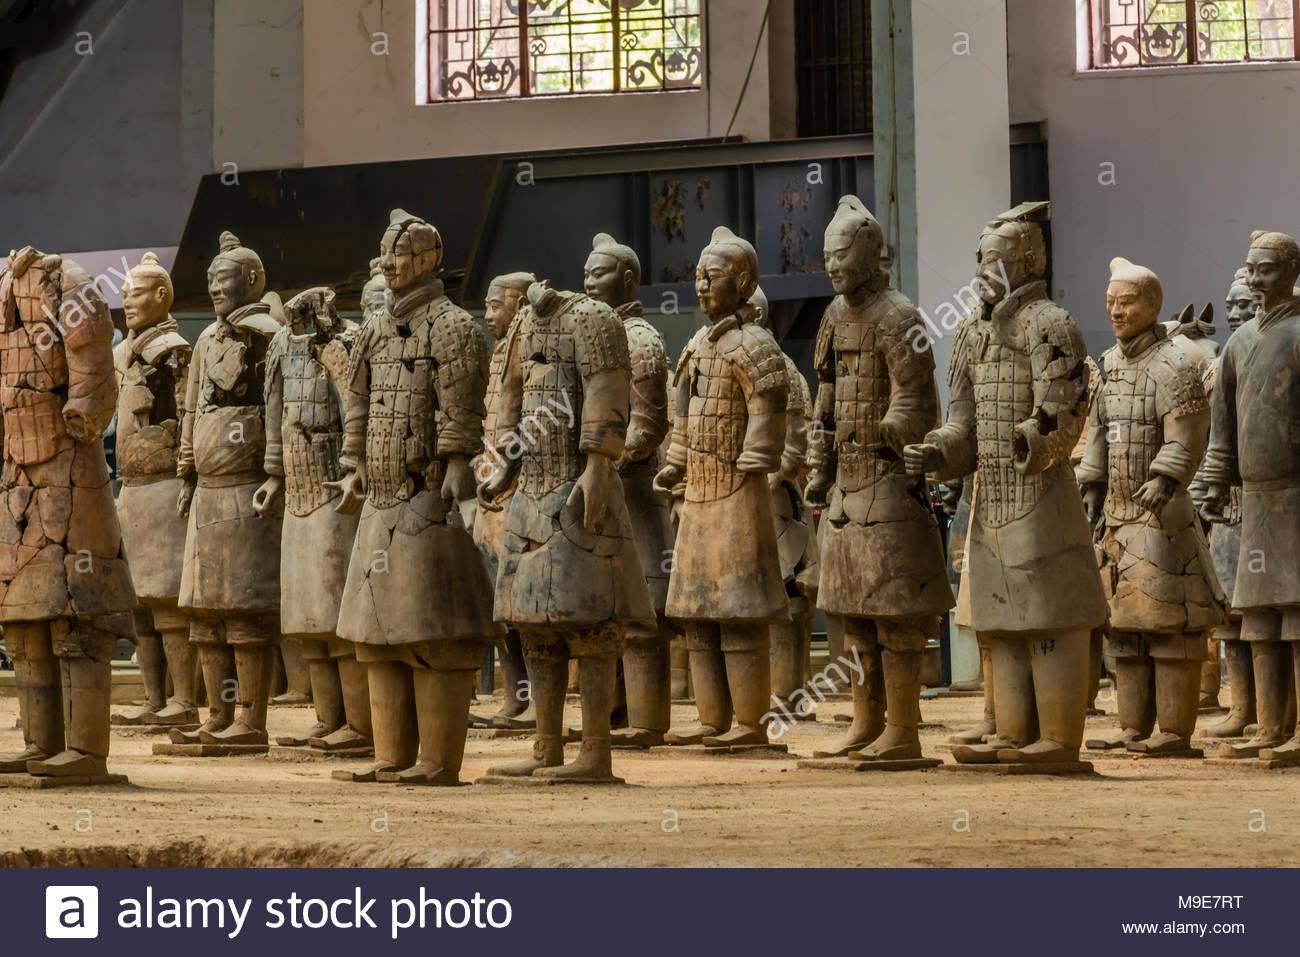 Die Terracotta Armee gefunden wurde weitgehend beschädigt als 1974 entdeckt. Die Krieger wurden sorgfältig zusammengesetzt. Mausoleum des ersten Qi Stockbild